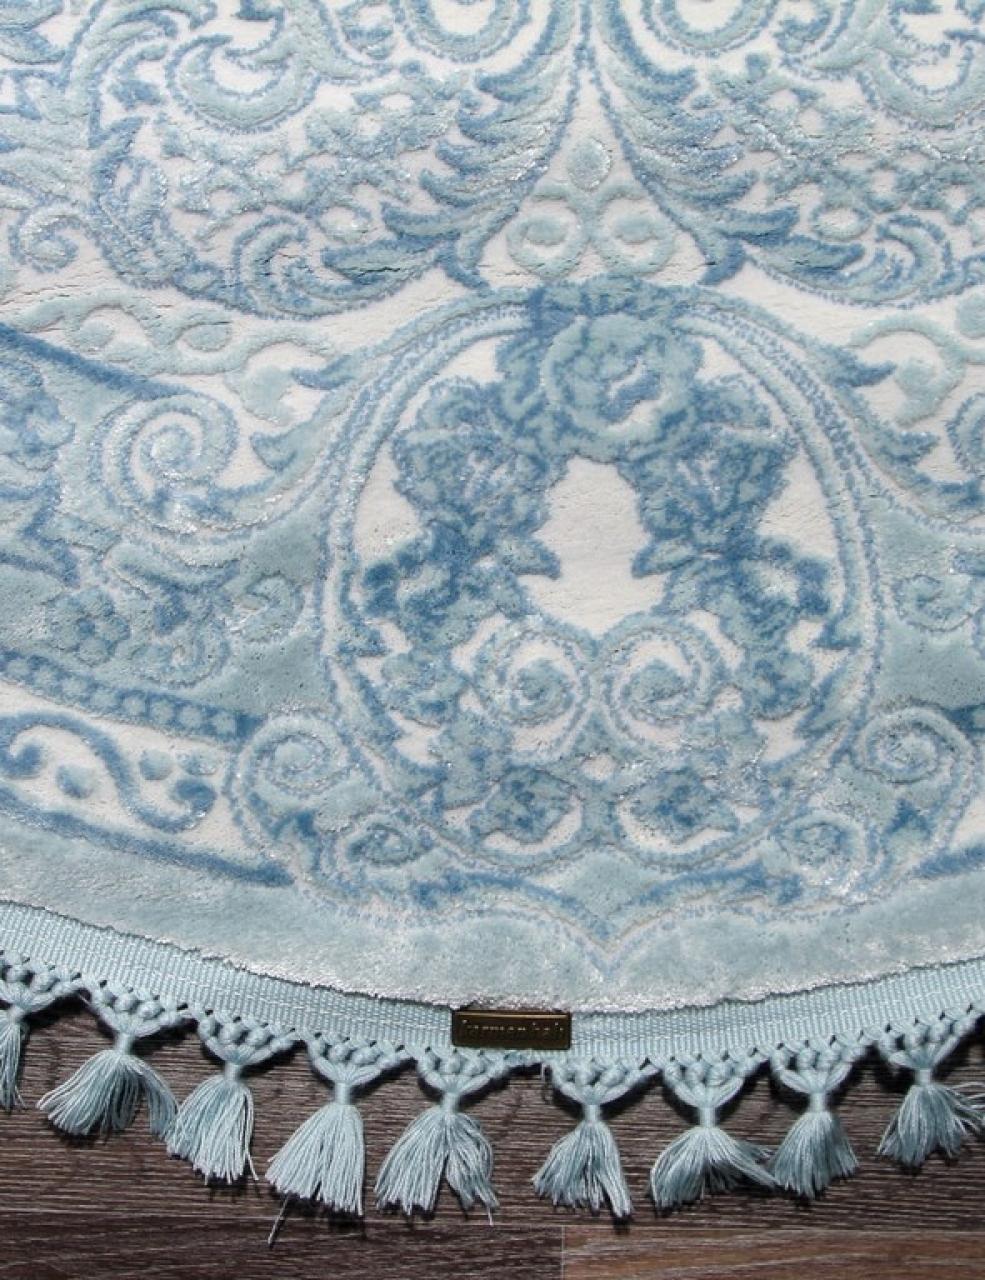 Ковер 07931 - BLUE / BLUE - Овал - коллекция HUNKAR - фото 5